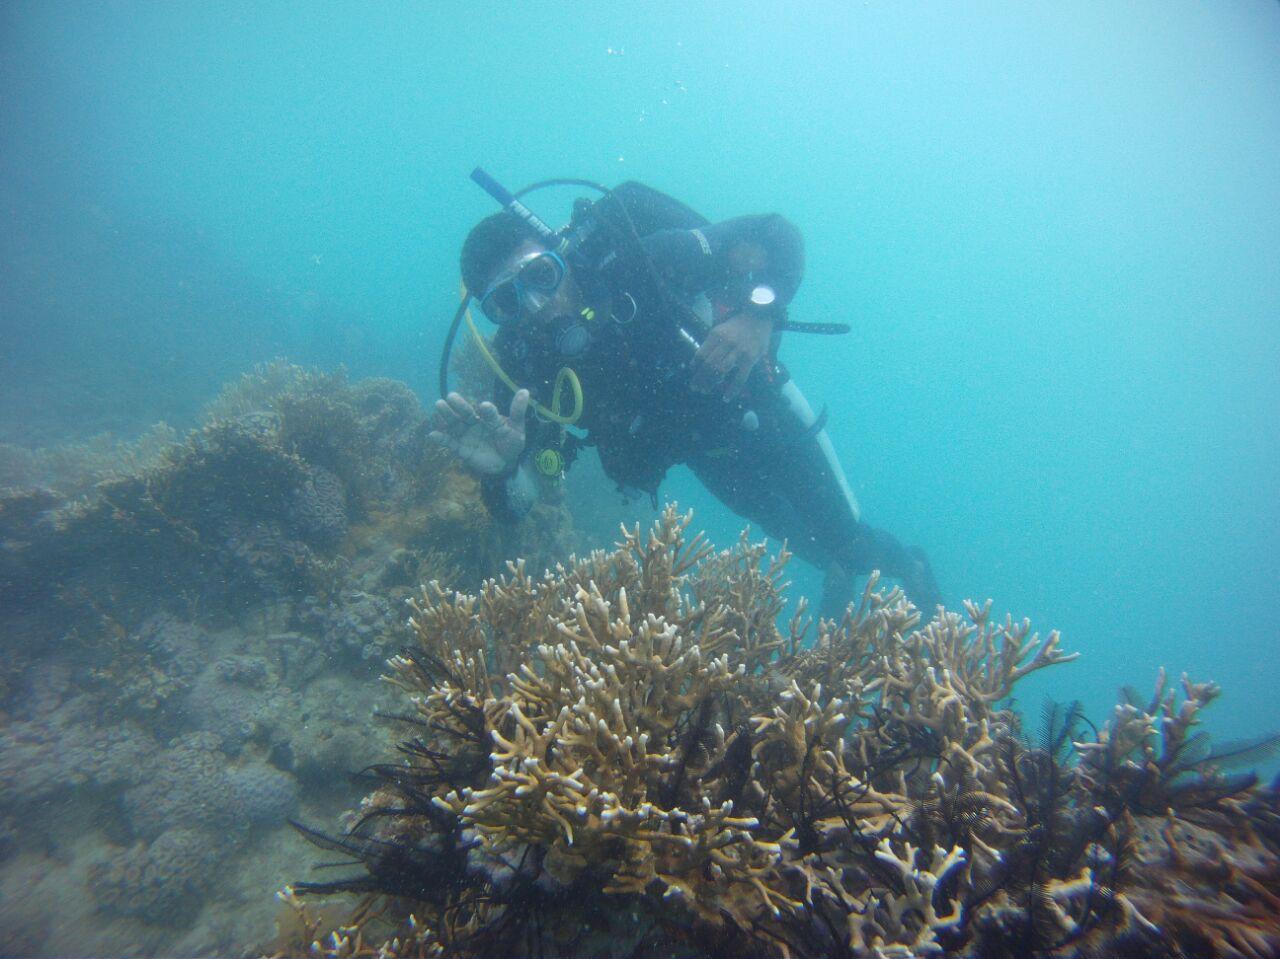 Mário Filho, extrativista na Resex Corumbau e aluno do curso de mergulho. Foto de Fábio Negrão